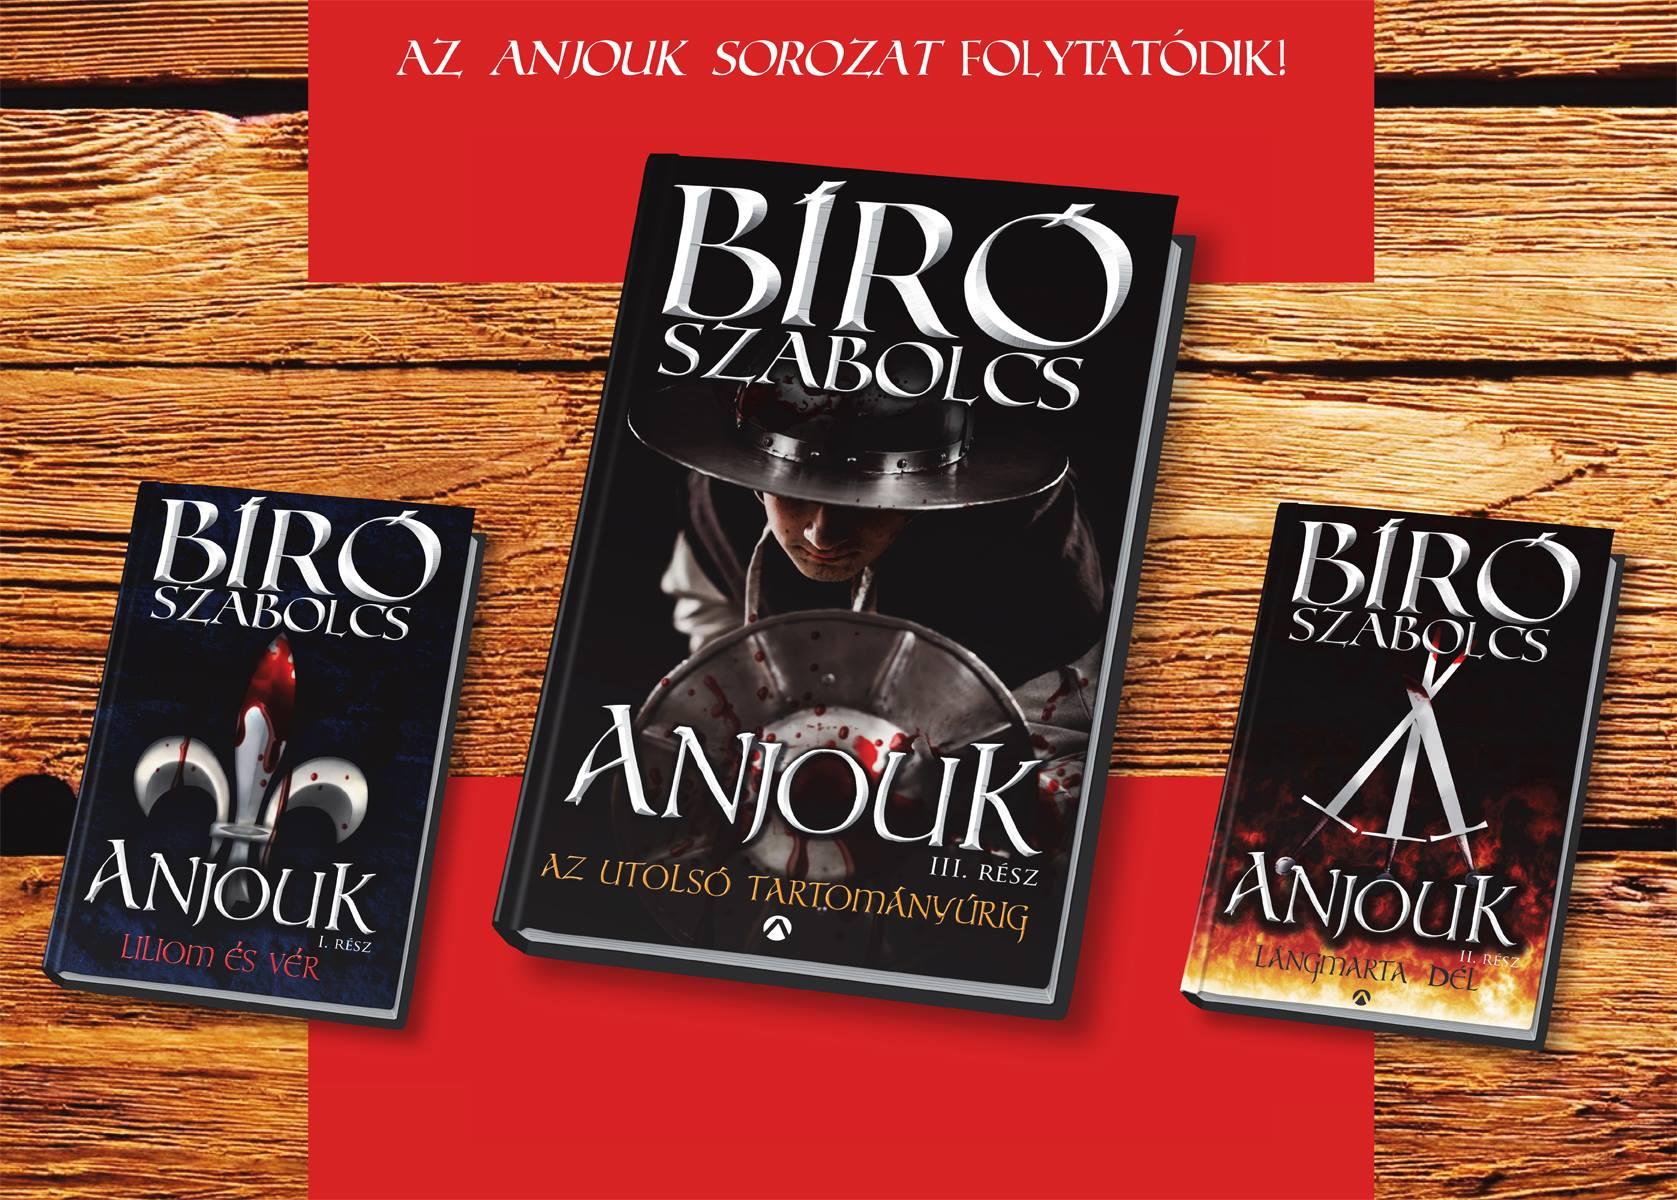 Trilógiává bővült az Anjouk!